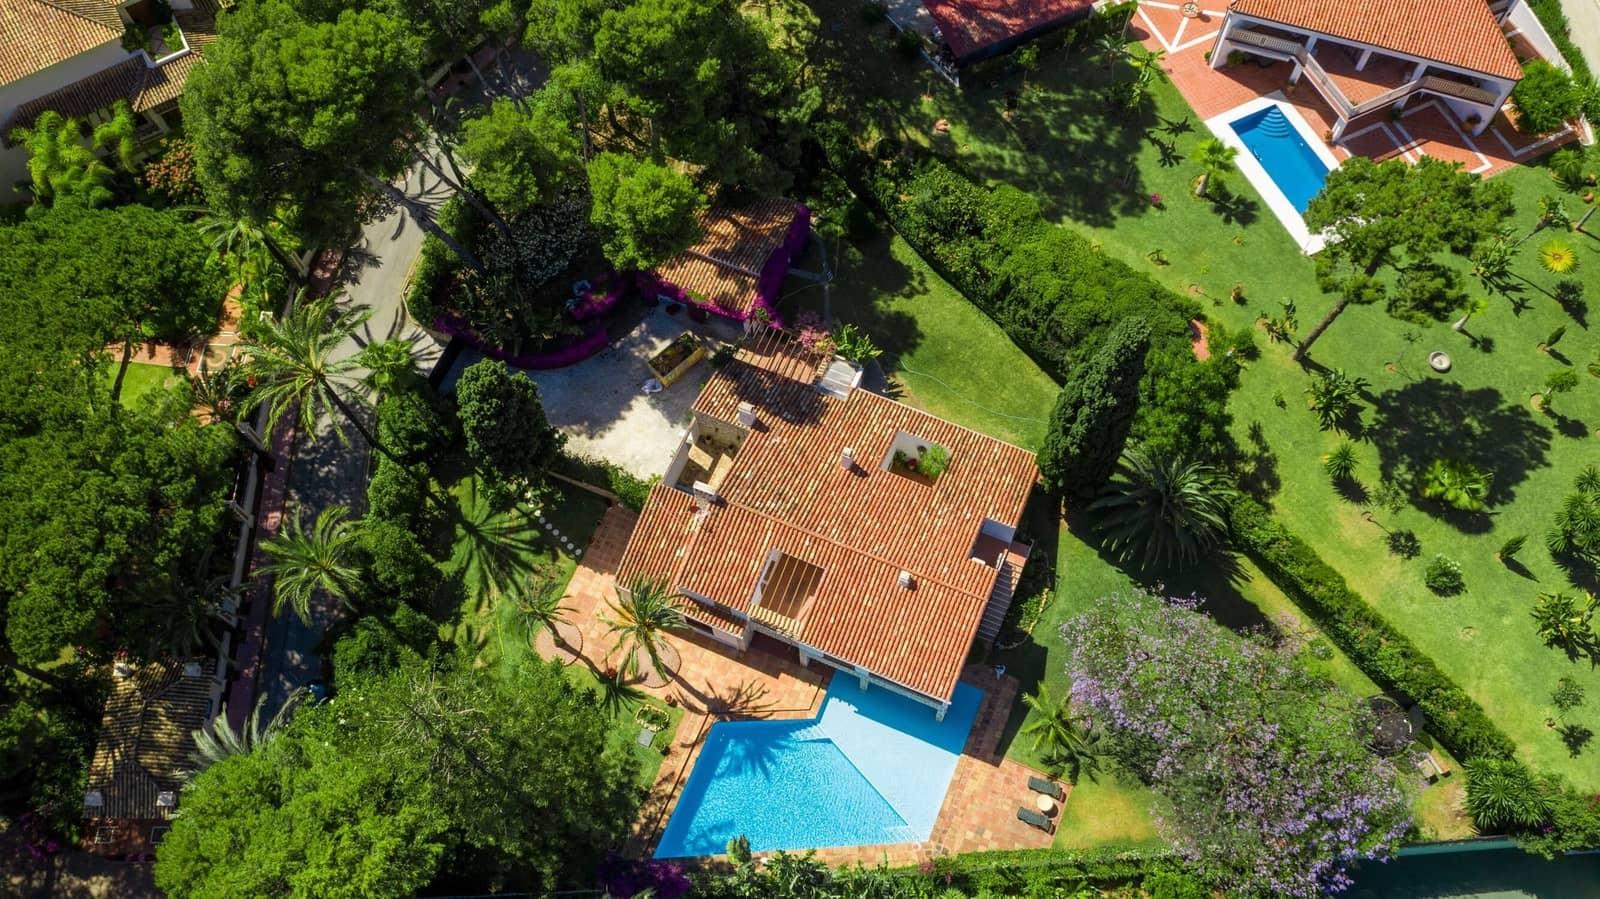 3 bedroom Villa for holiday rental in Los Monteros with pool garage - € 6,500 (Ref: 5346296)